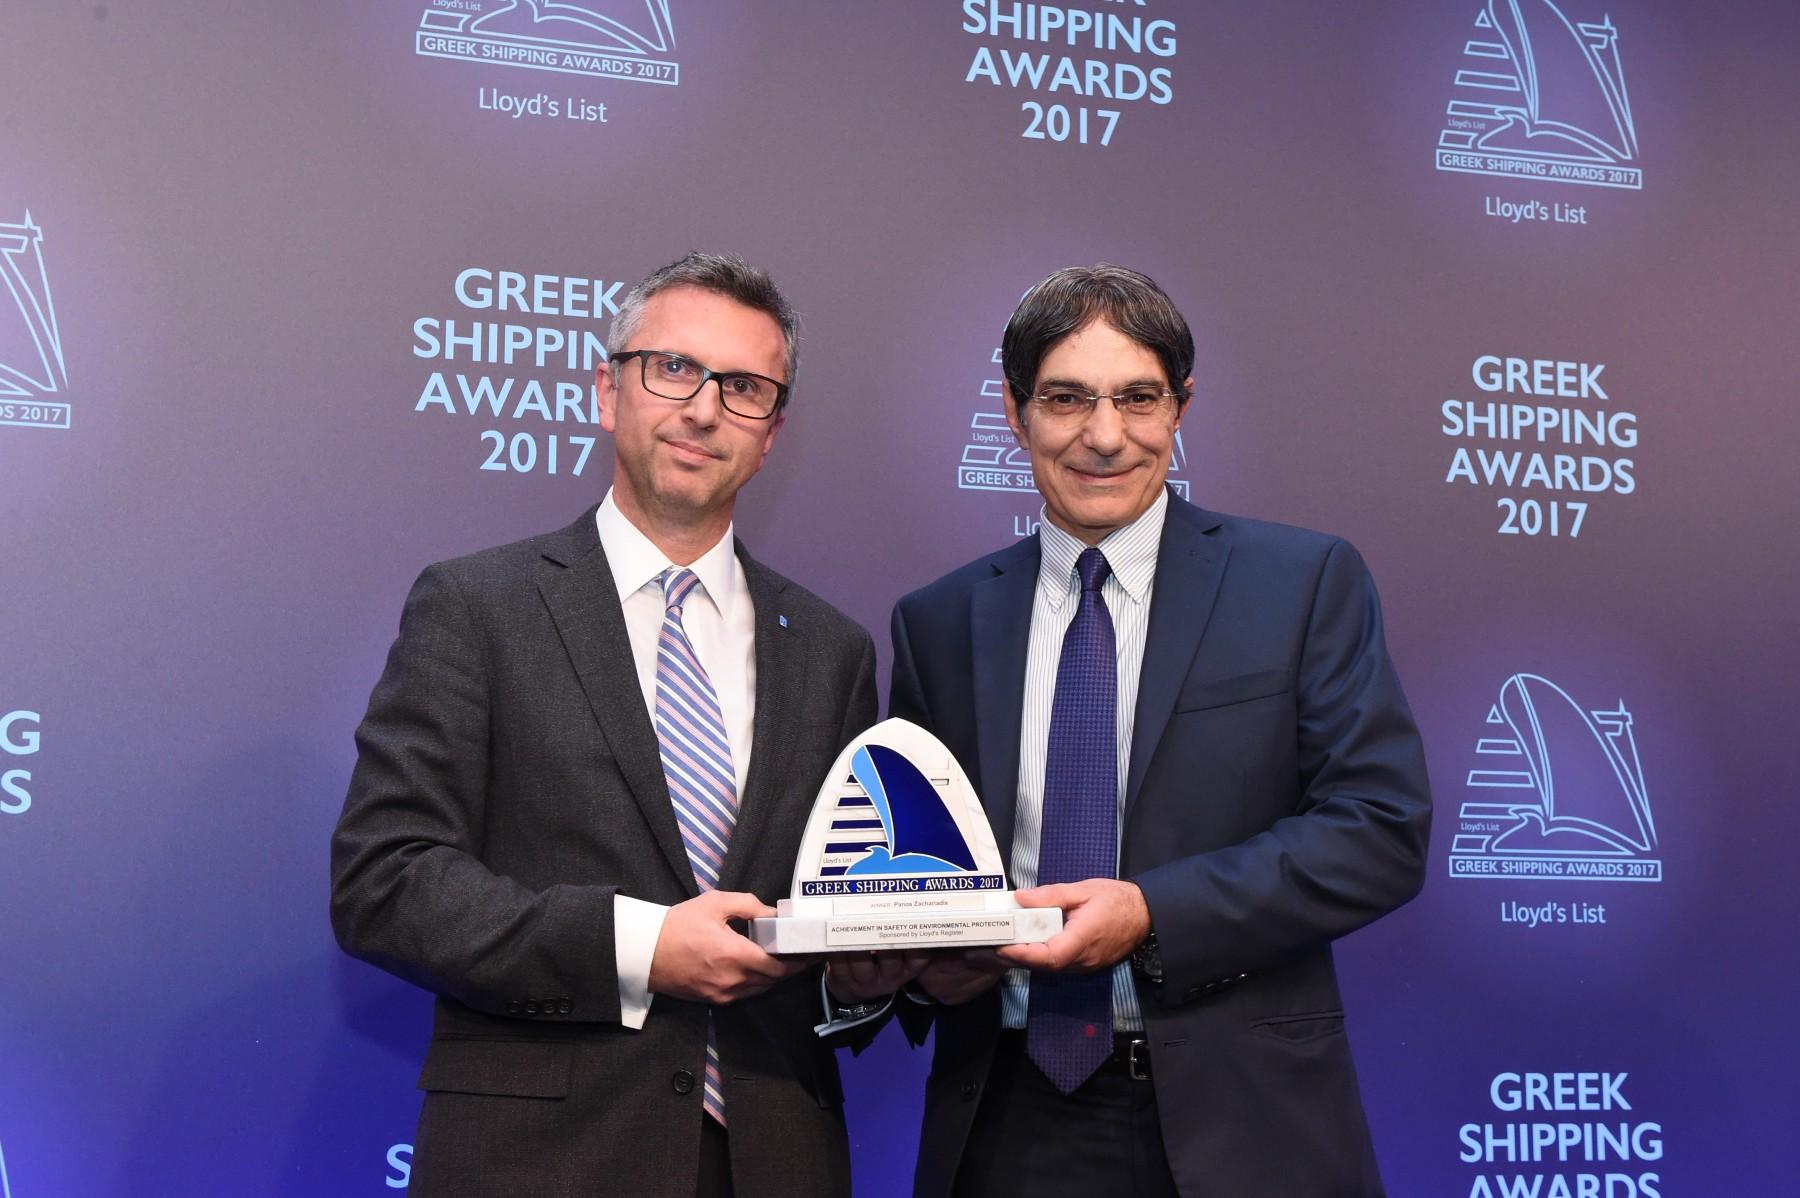 Ο κ. Θ. Σταματέλλος, Lloyd's Register παραδίδει το βραβείο Achievement in Safety or Environmental Protection στον κ. Π. Ζαχαριάδη